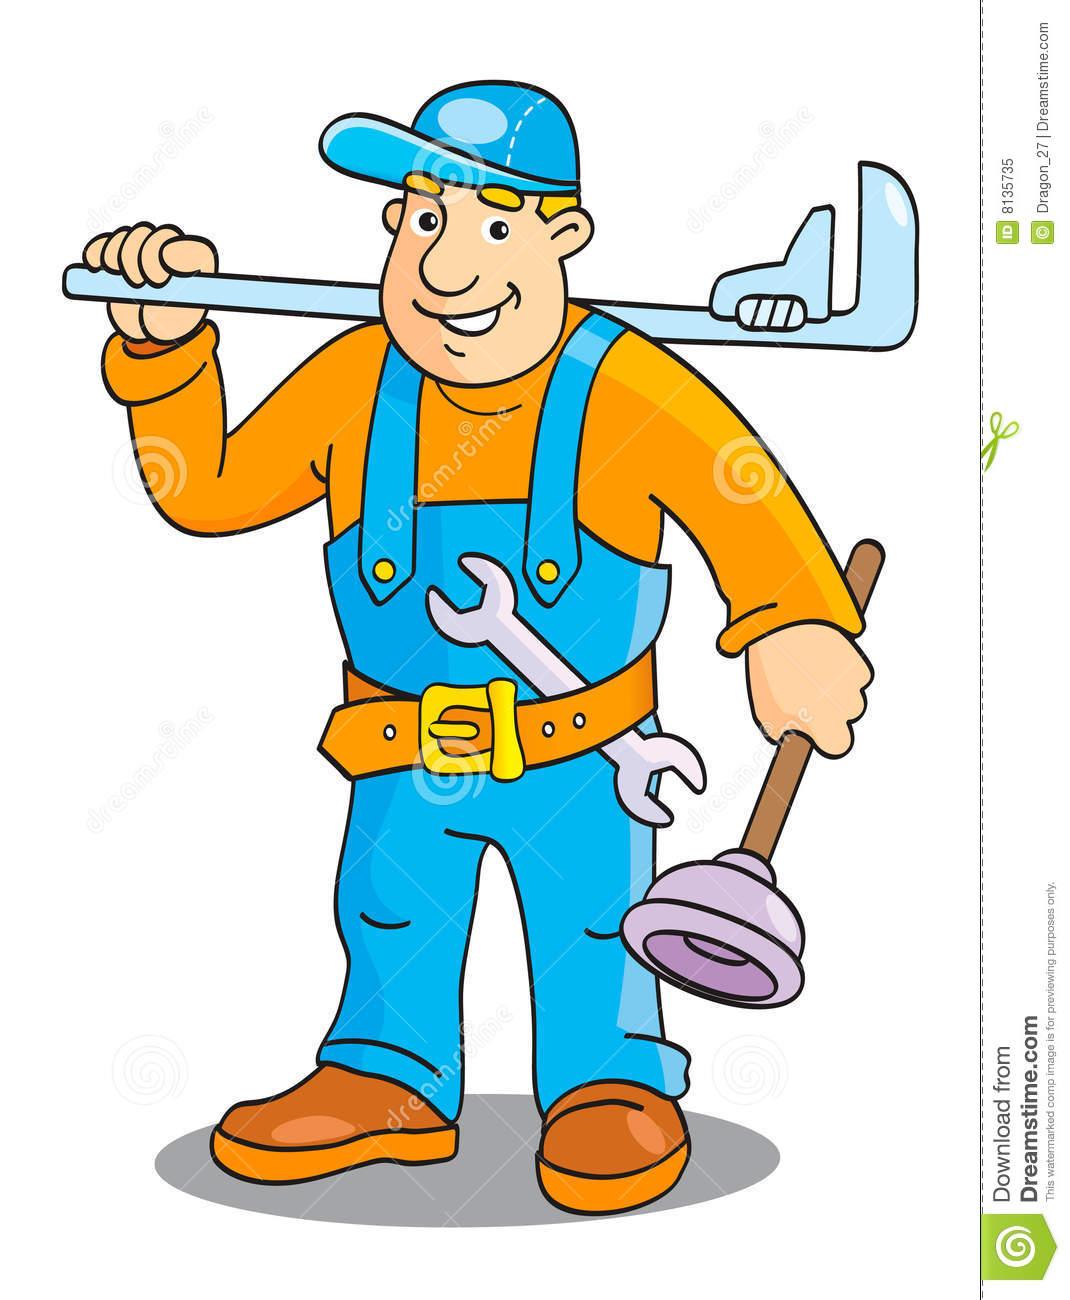 plumber-clipart-free-20.jpg